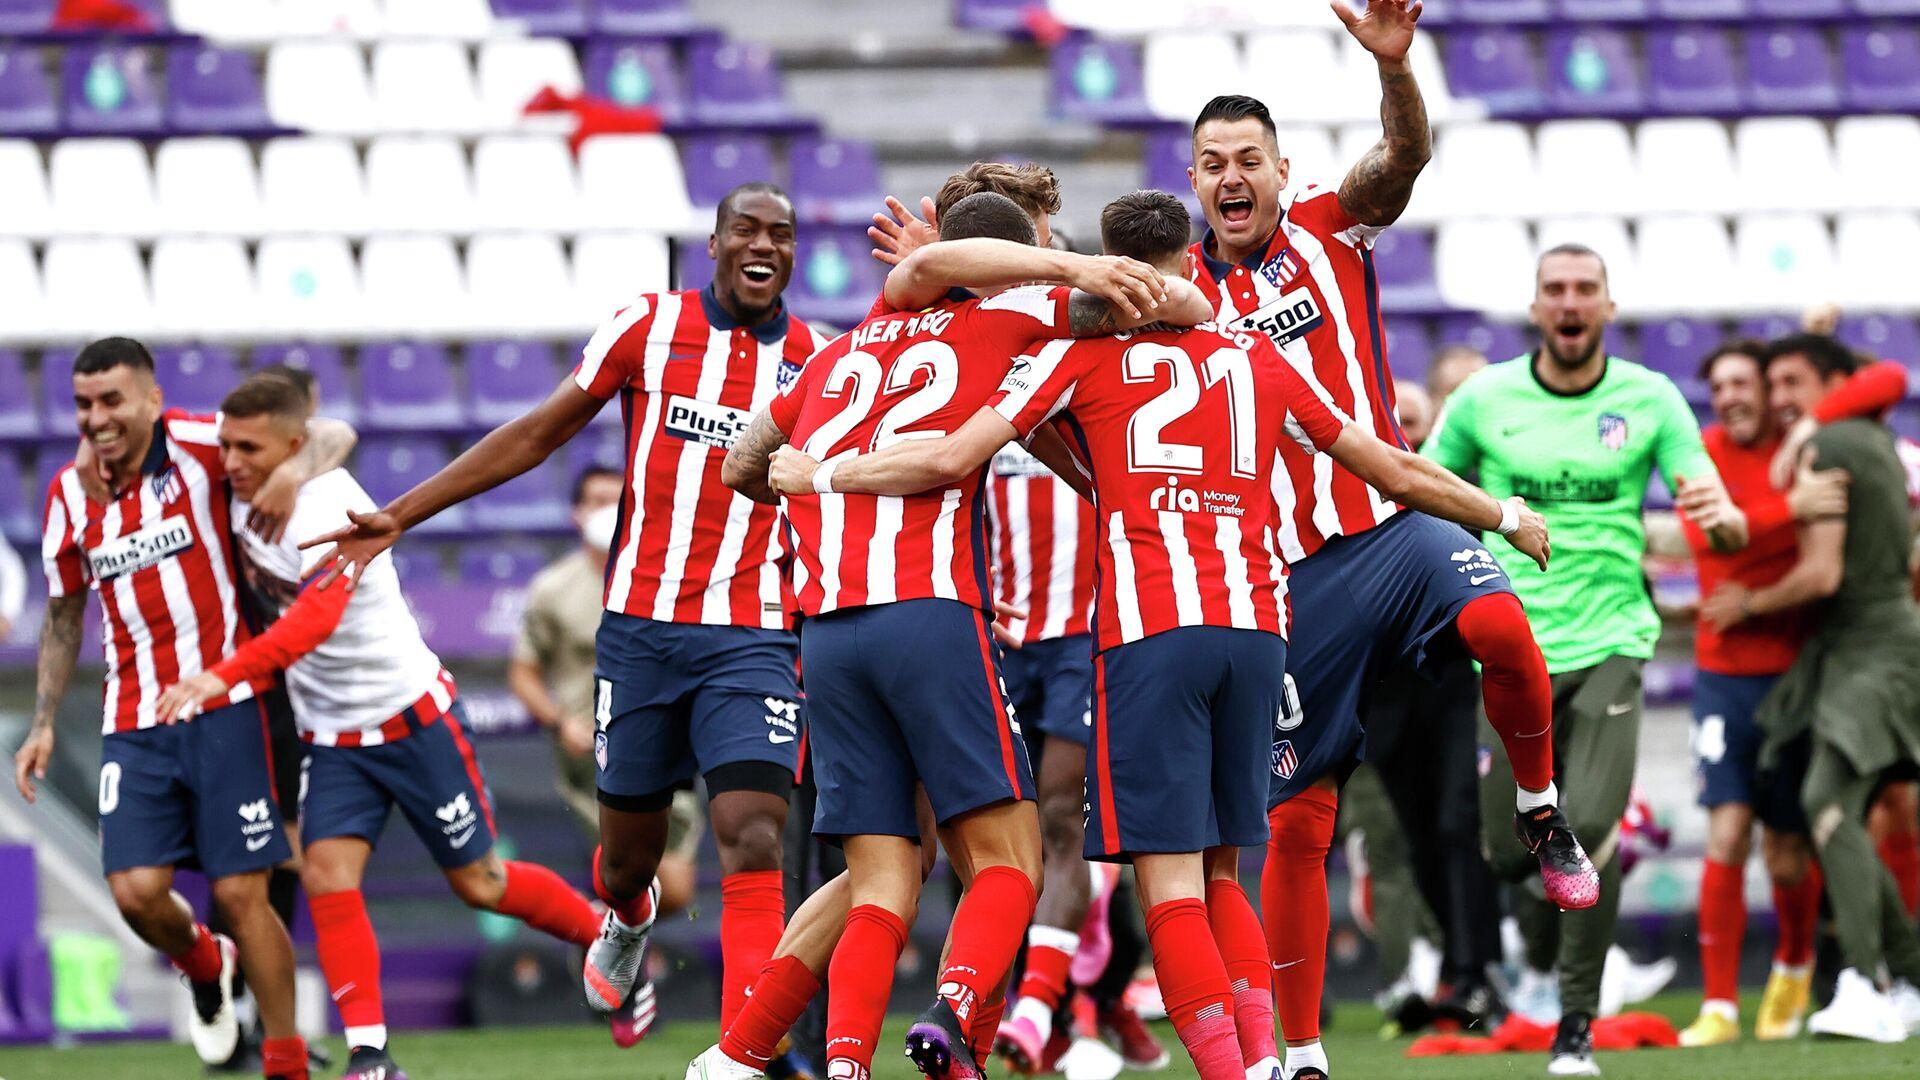 Jugadores del club español de fútbol Atlético de Madrid celebran su victoria ante el Real Valladolid y en LaLiga, en Valladolid (España), el 22 de mayo del 2021 - Sputnik Mundo, 1920, 22.05.2021